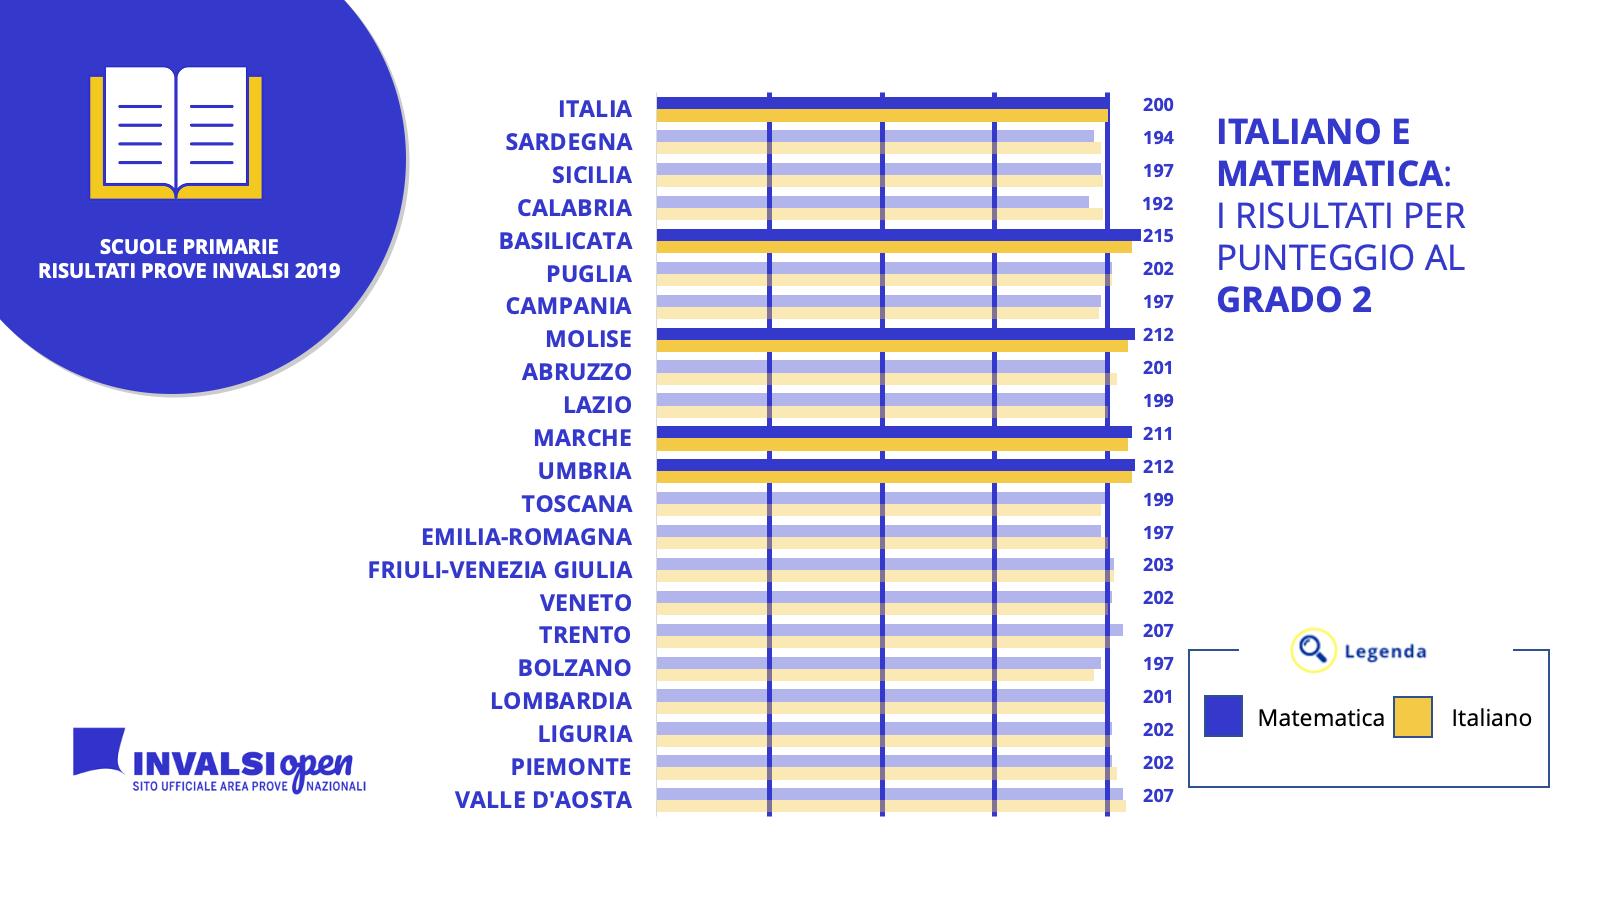 Scuole primarie: un'analisi attraverso i dati INVALSI